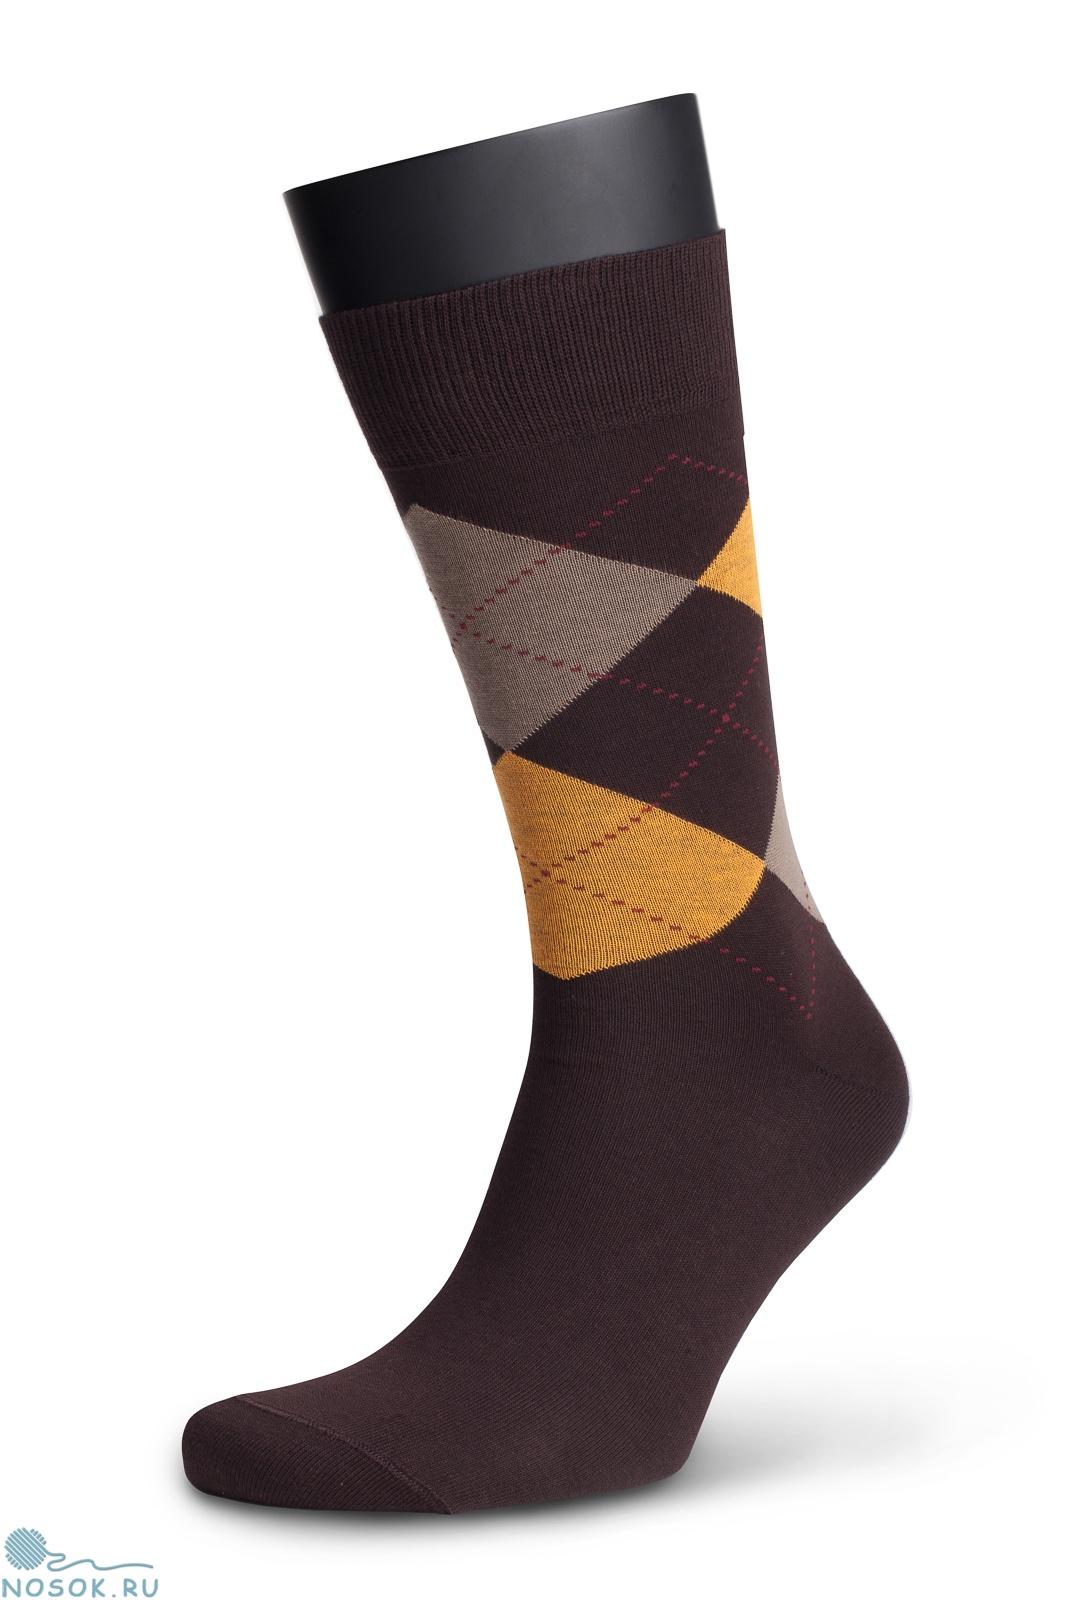 f8388d9f9e0 Мужские носки 4М-142 ромбы